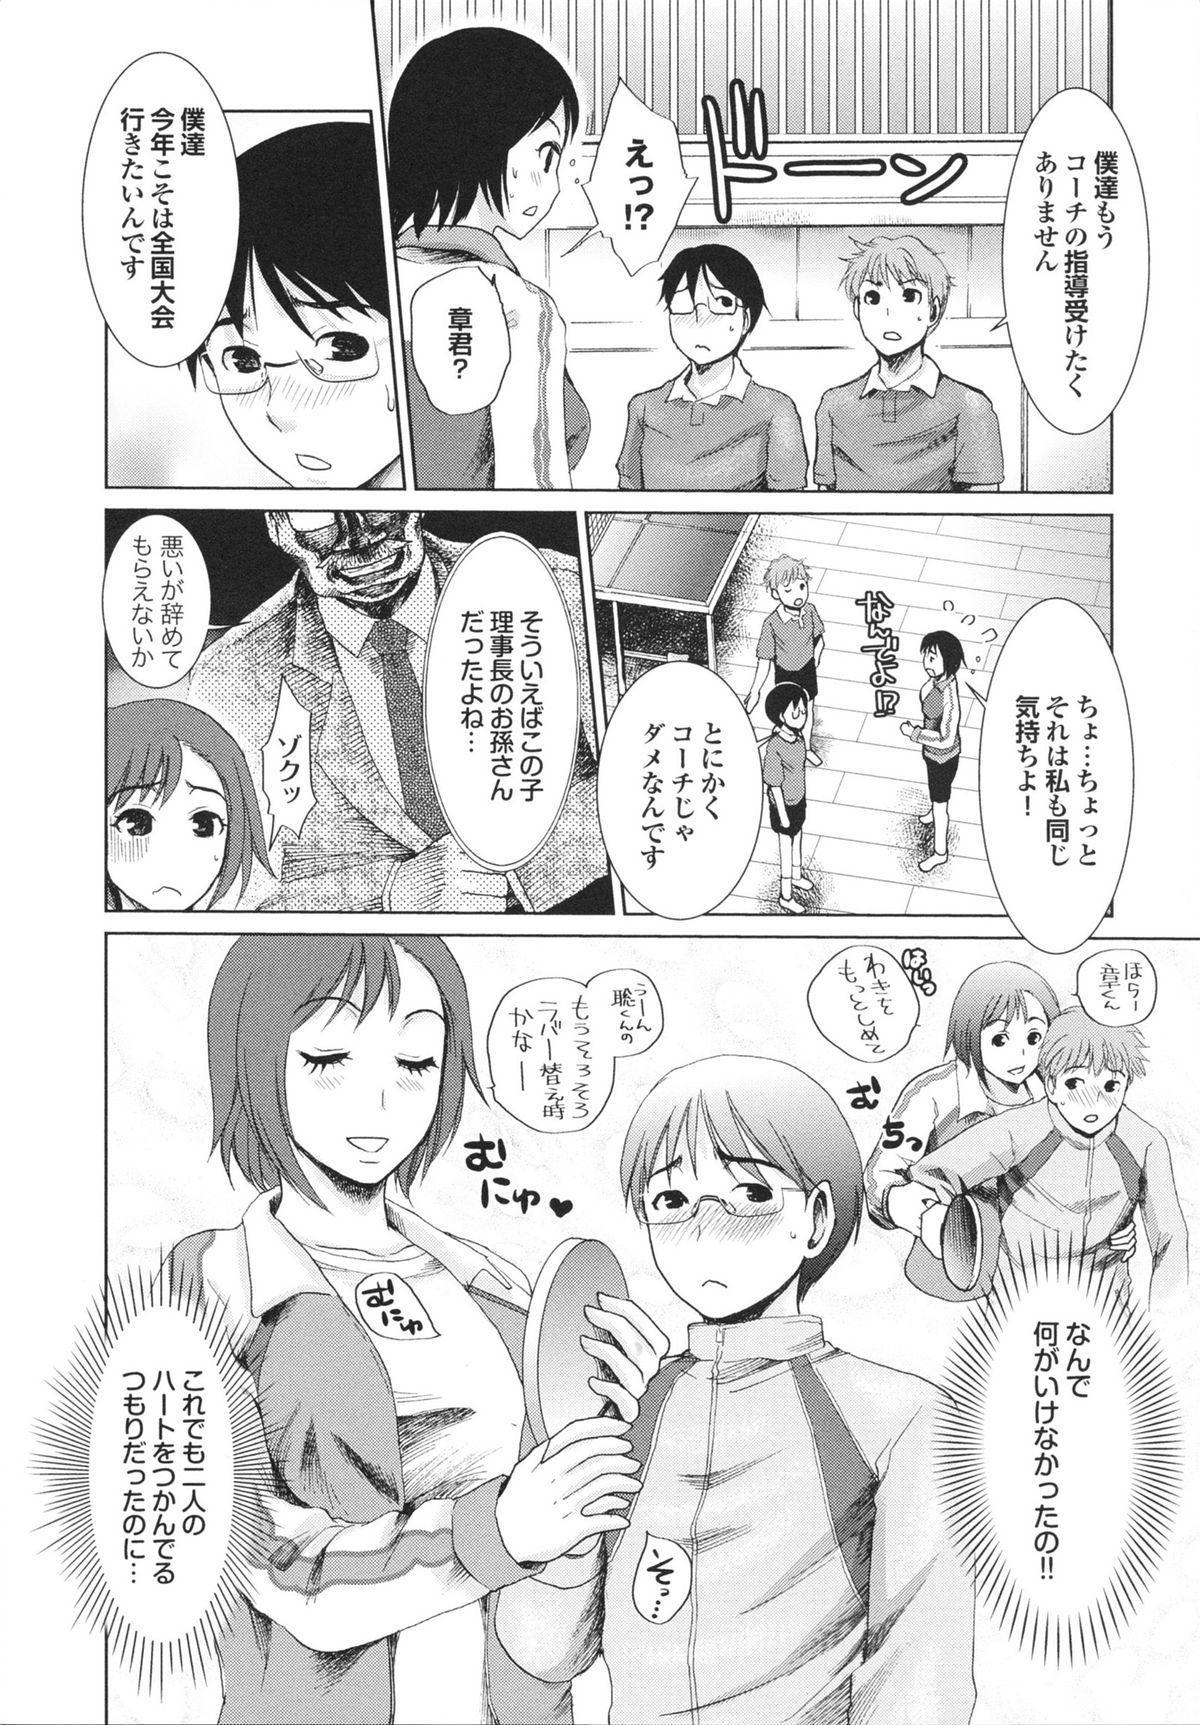 Osananajimi no Mitsutsubo Tsukatte!! 209